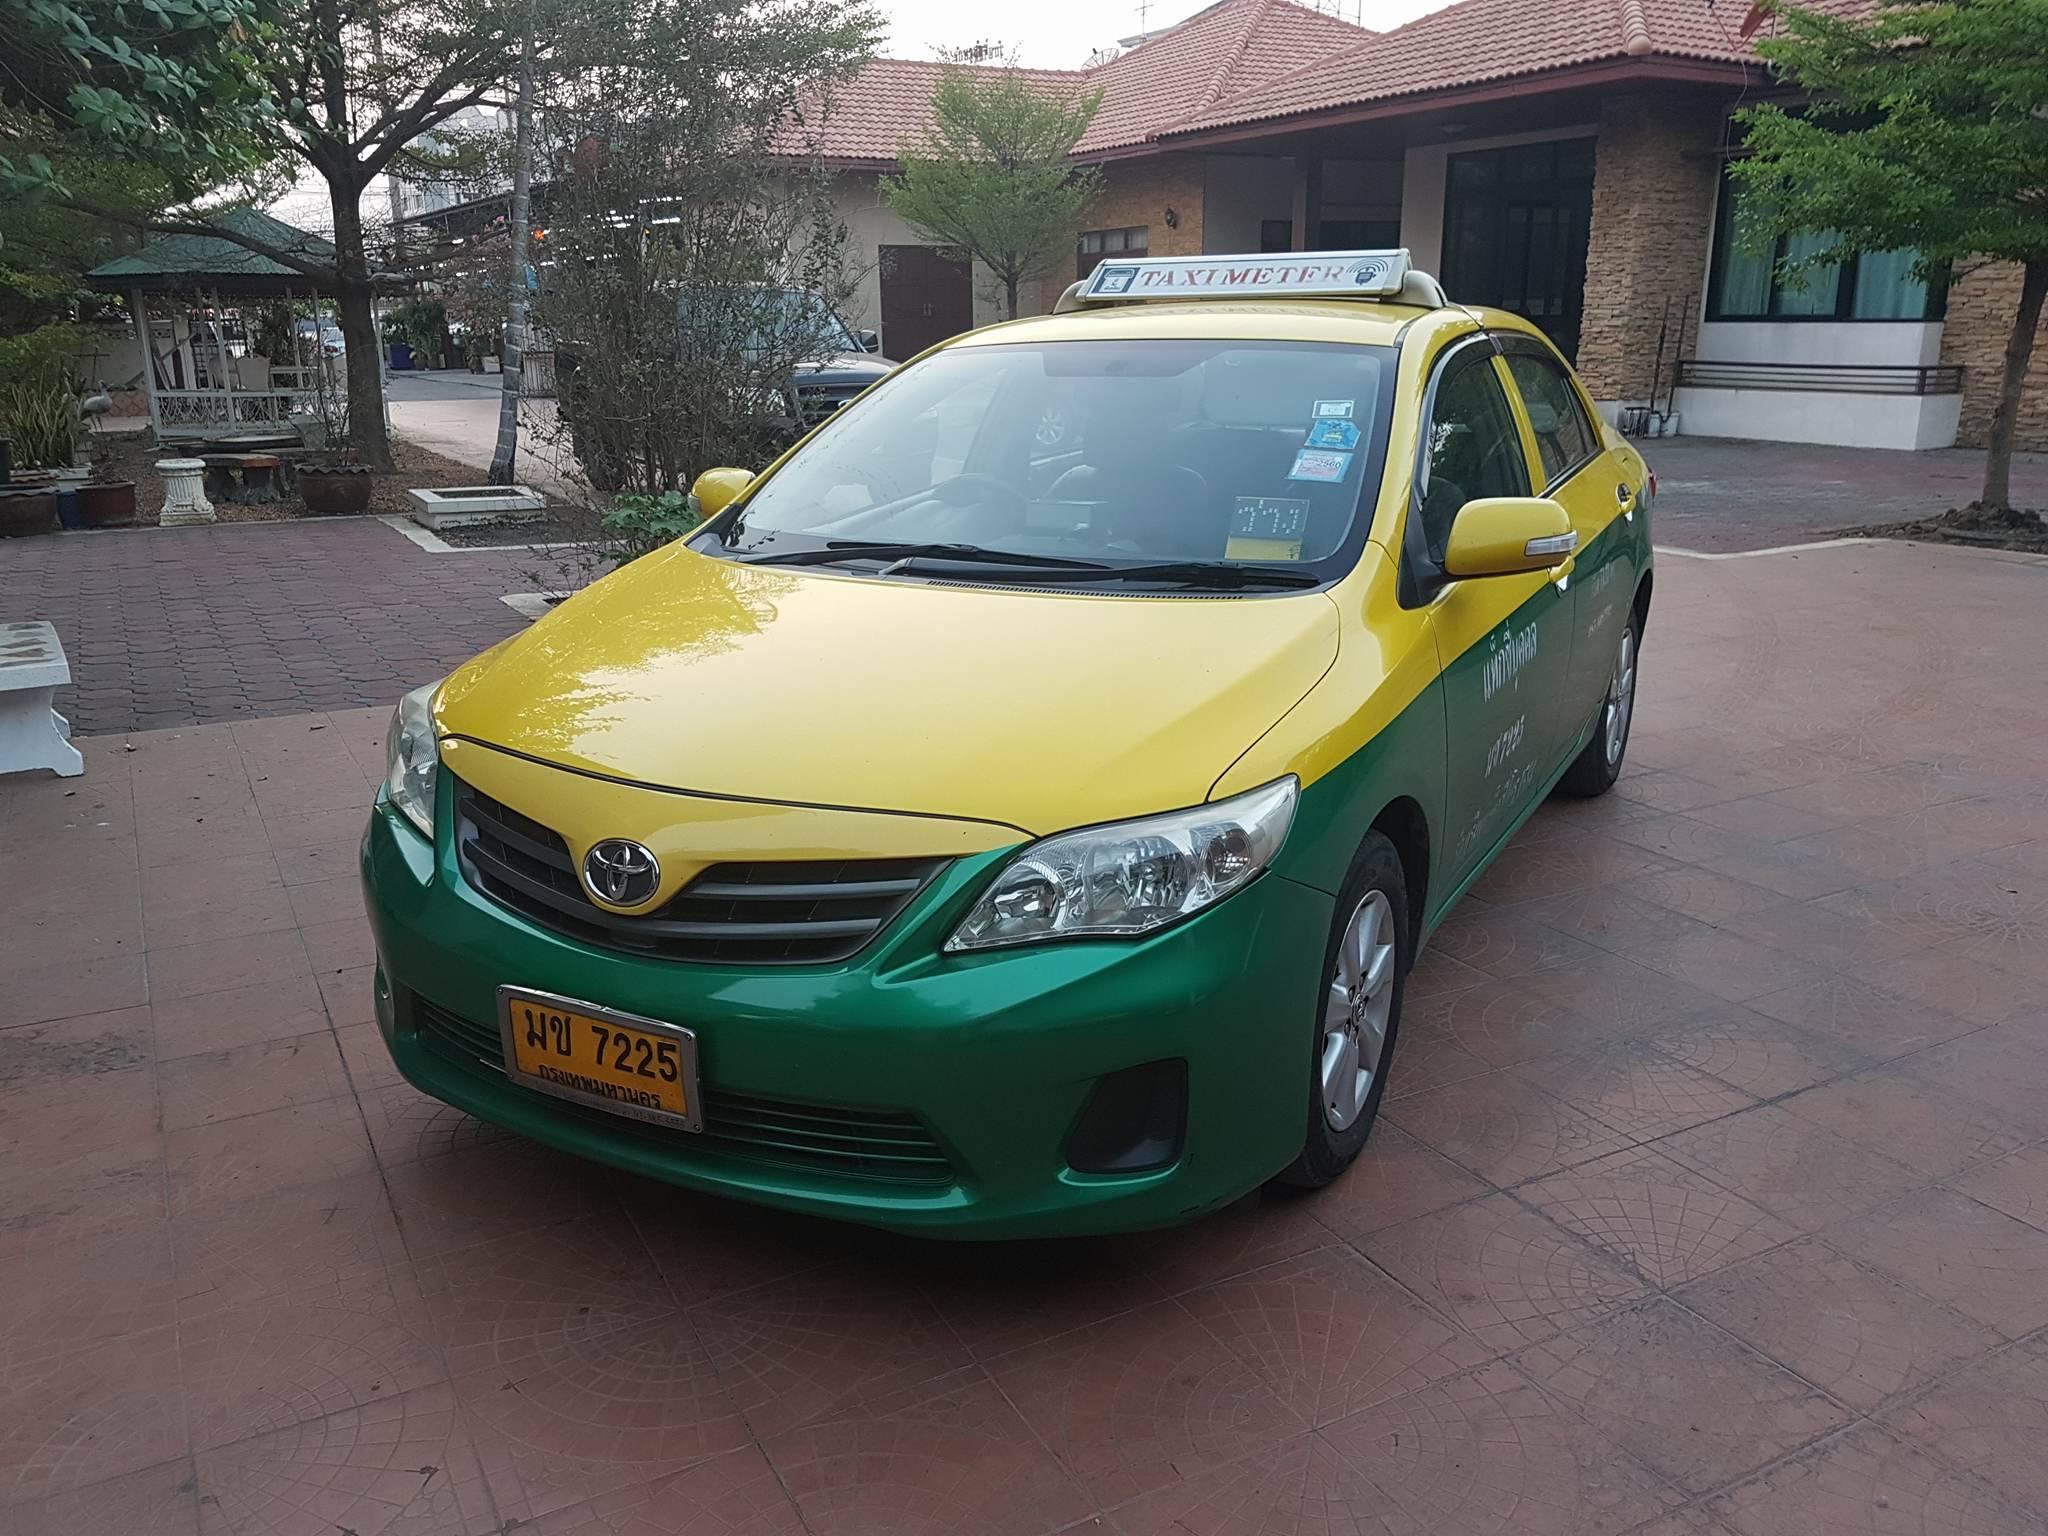 แท็กซี่มือสอง Altis J ปี 2012 เหลือวิ่ง 4 ปี 8 เดือน